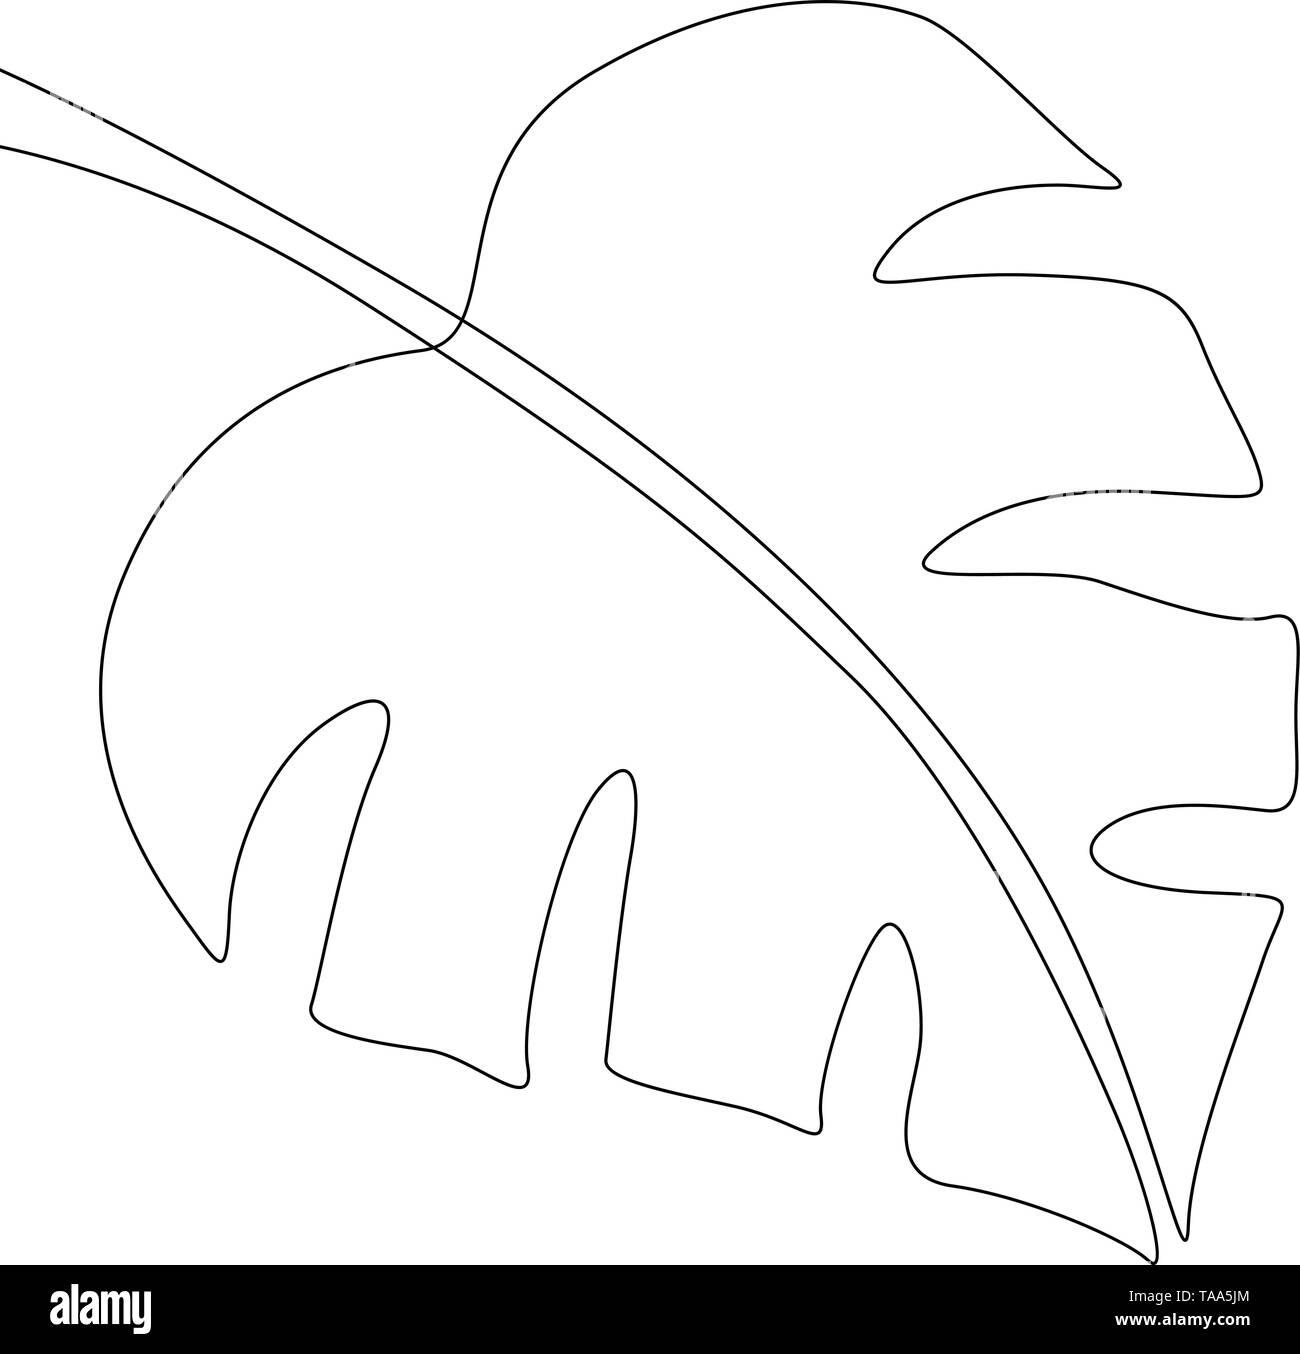 Eine Strichzeichnung monstera. Kontinuierliche Linie exotische tropische Pflanzen. Stockbild